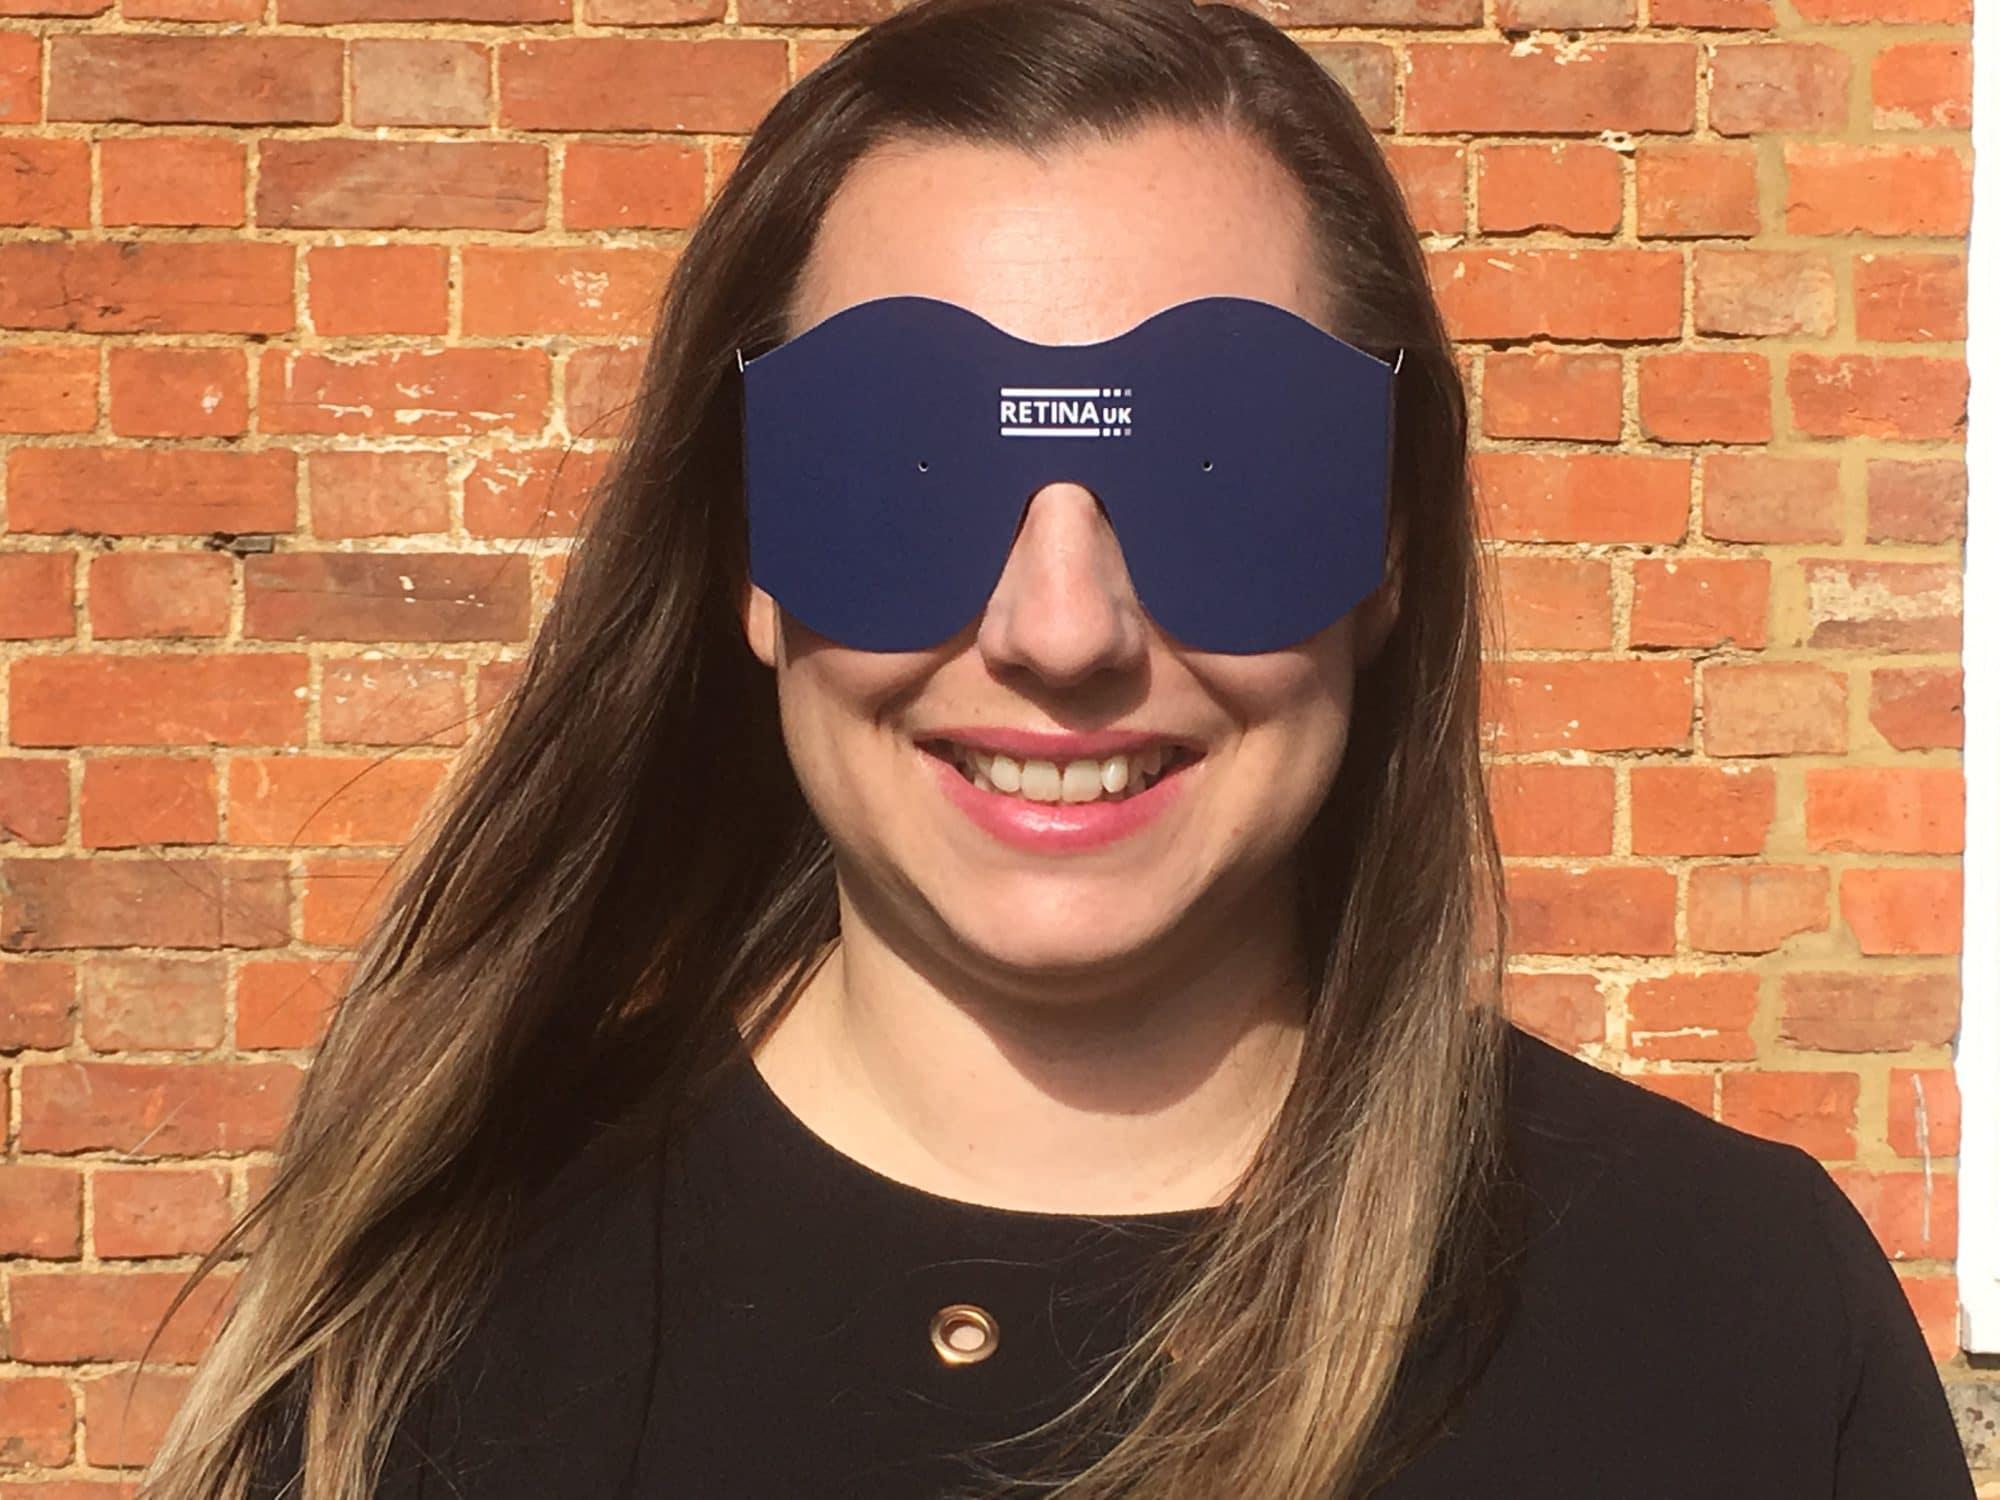 Woman wearing simspecs